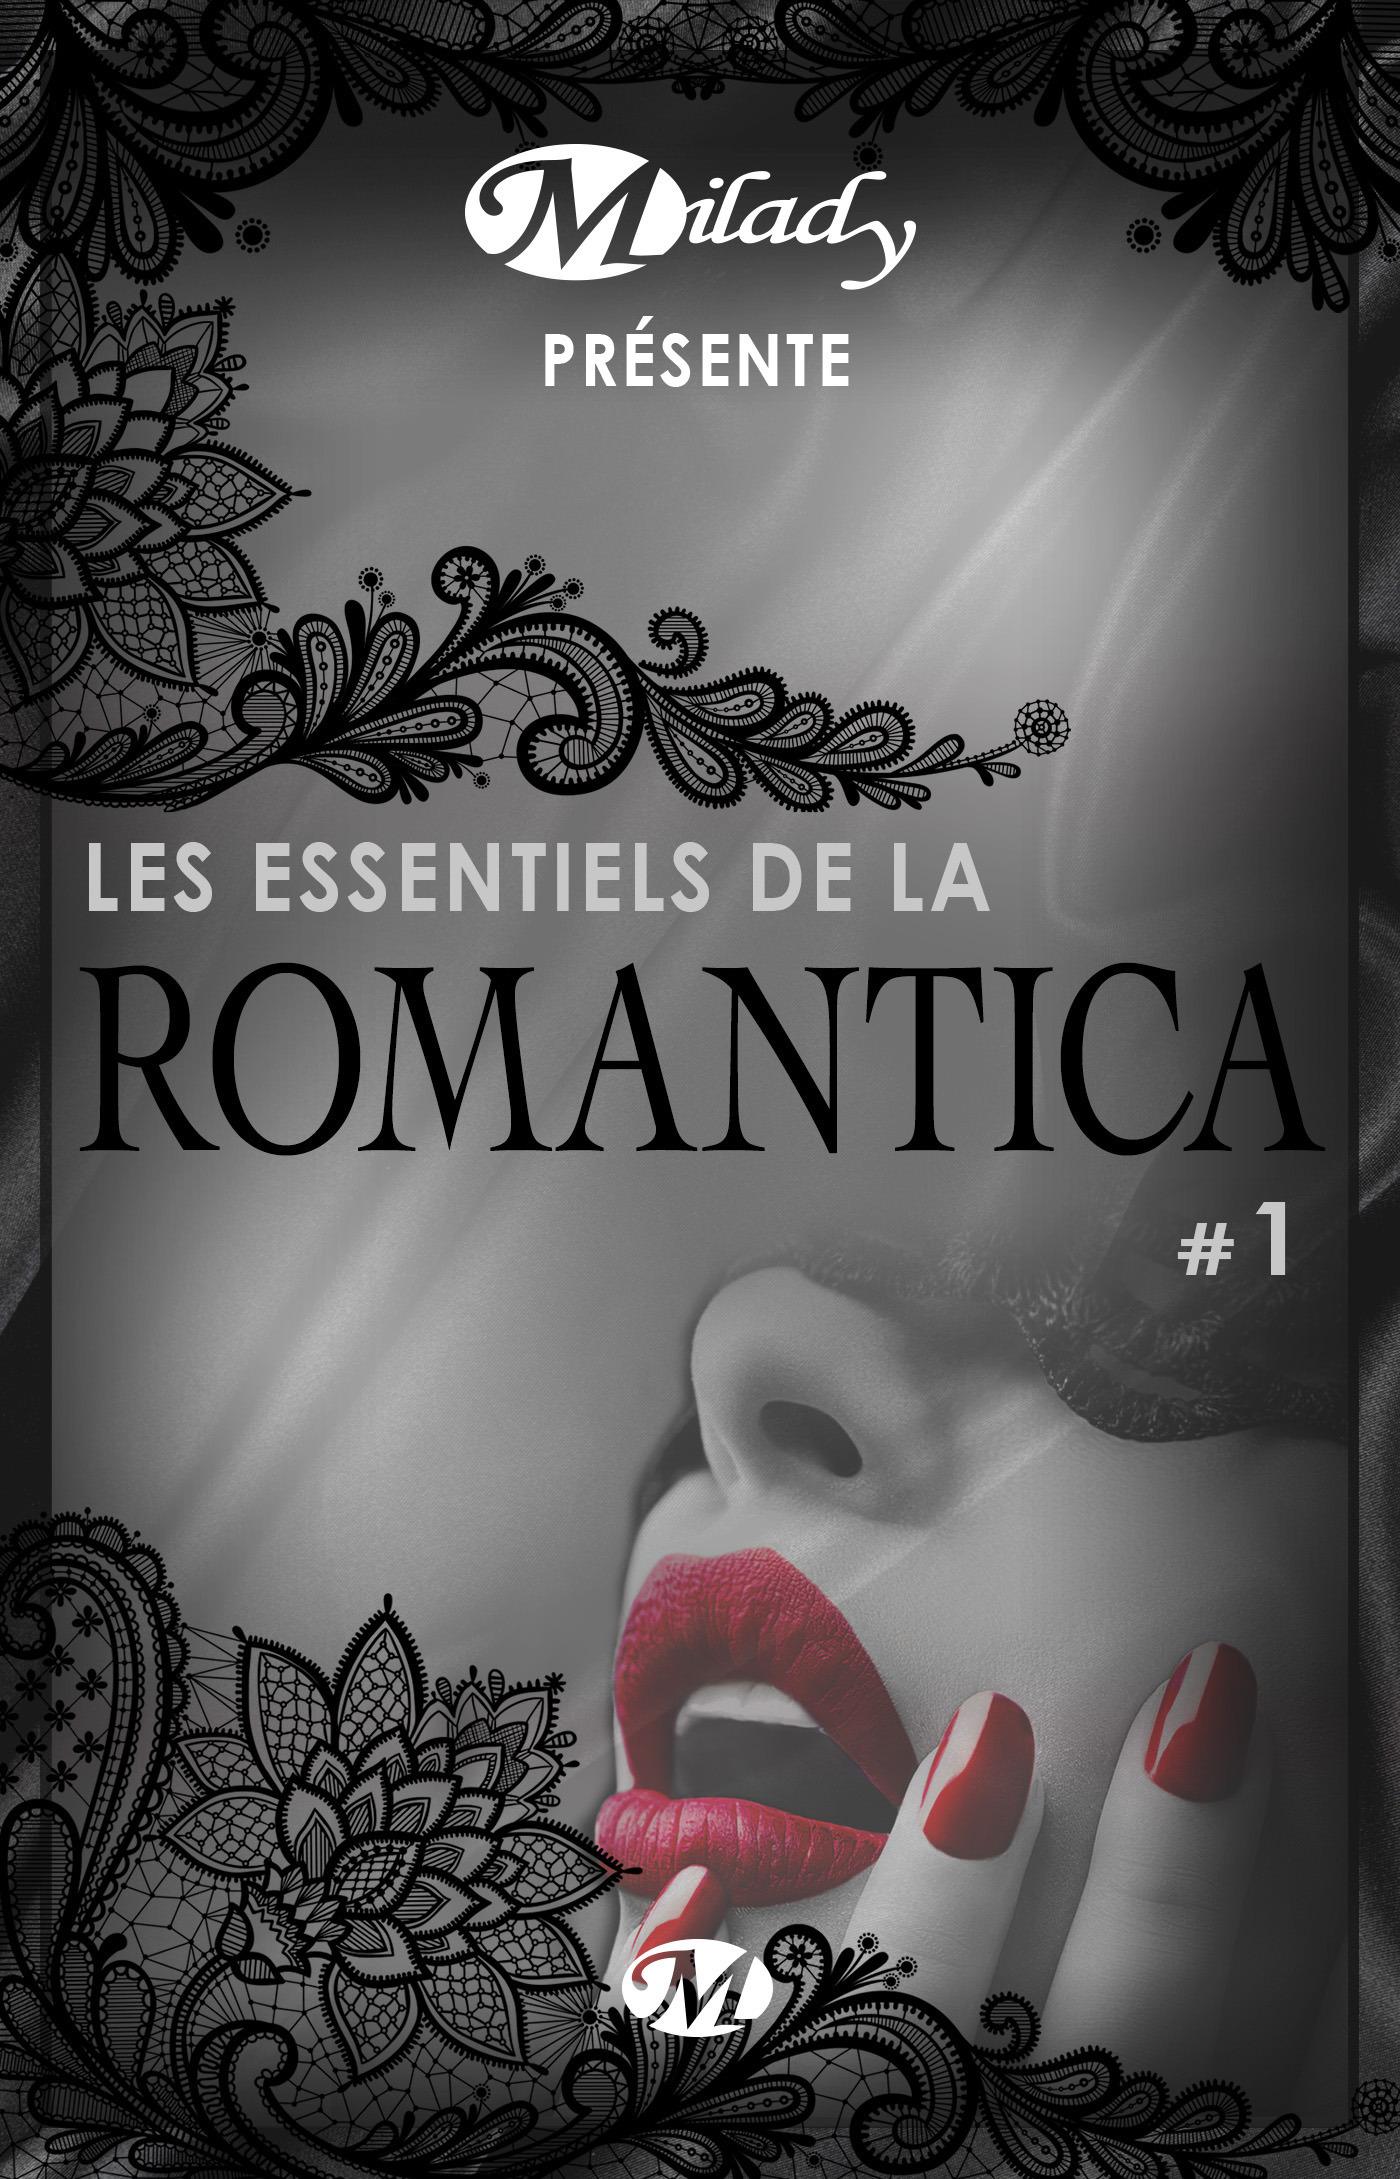 Milady présente Les Essentiels de la Romantica t.1